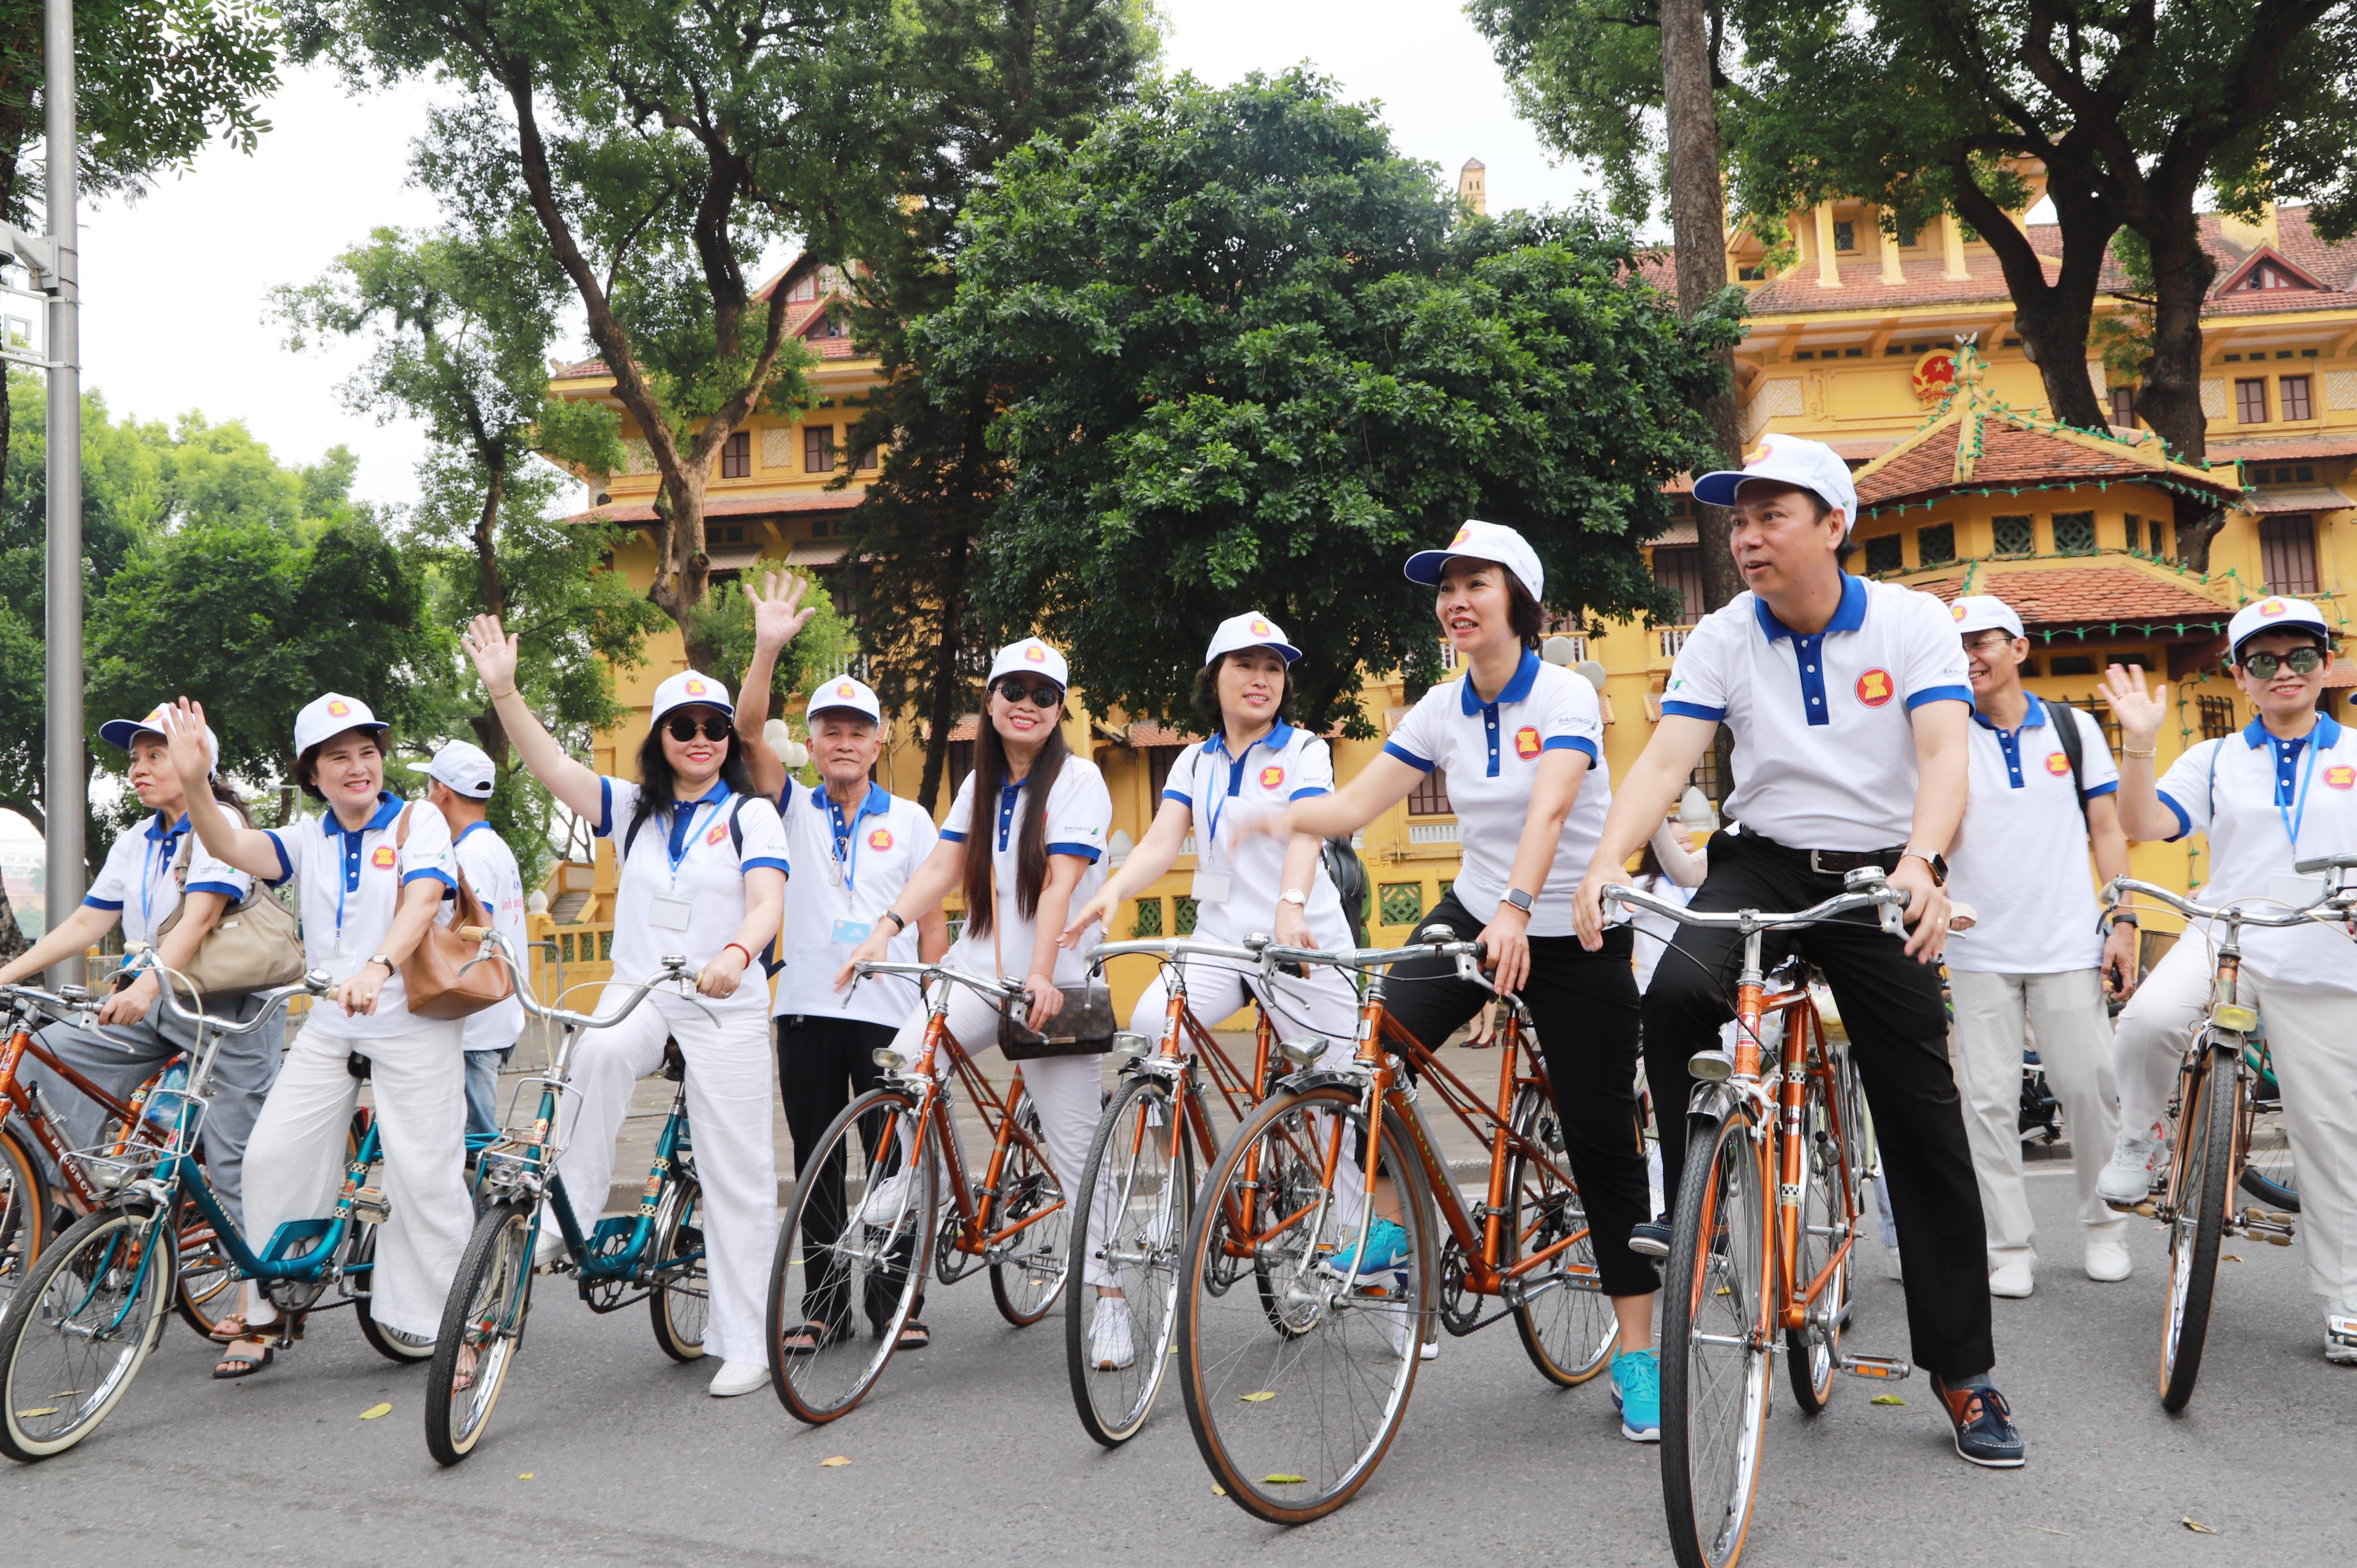 Thứ trưởng Bộ Ngoại giao Nguyễn Quốc Dũng và các đại biểu tham gia đạp xe. Ông Nguyễn Quốc Dũng bày tỏ mong sau này ASEAN có những hoạt động chung: Thi đấu thể thao có riêng đội ASEAN mang màu cờ sắc áo ASEAN hay có những cuộc thi quốc tế mà có đại diện của ASEAN chứ không phải từng nước của ASEAN.